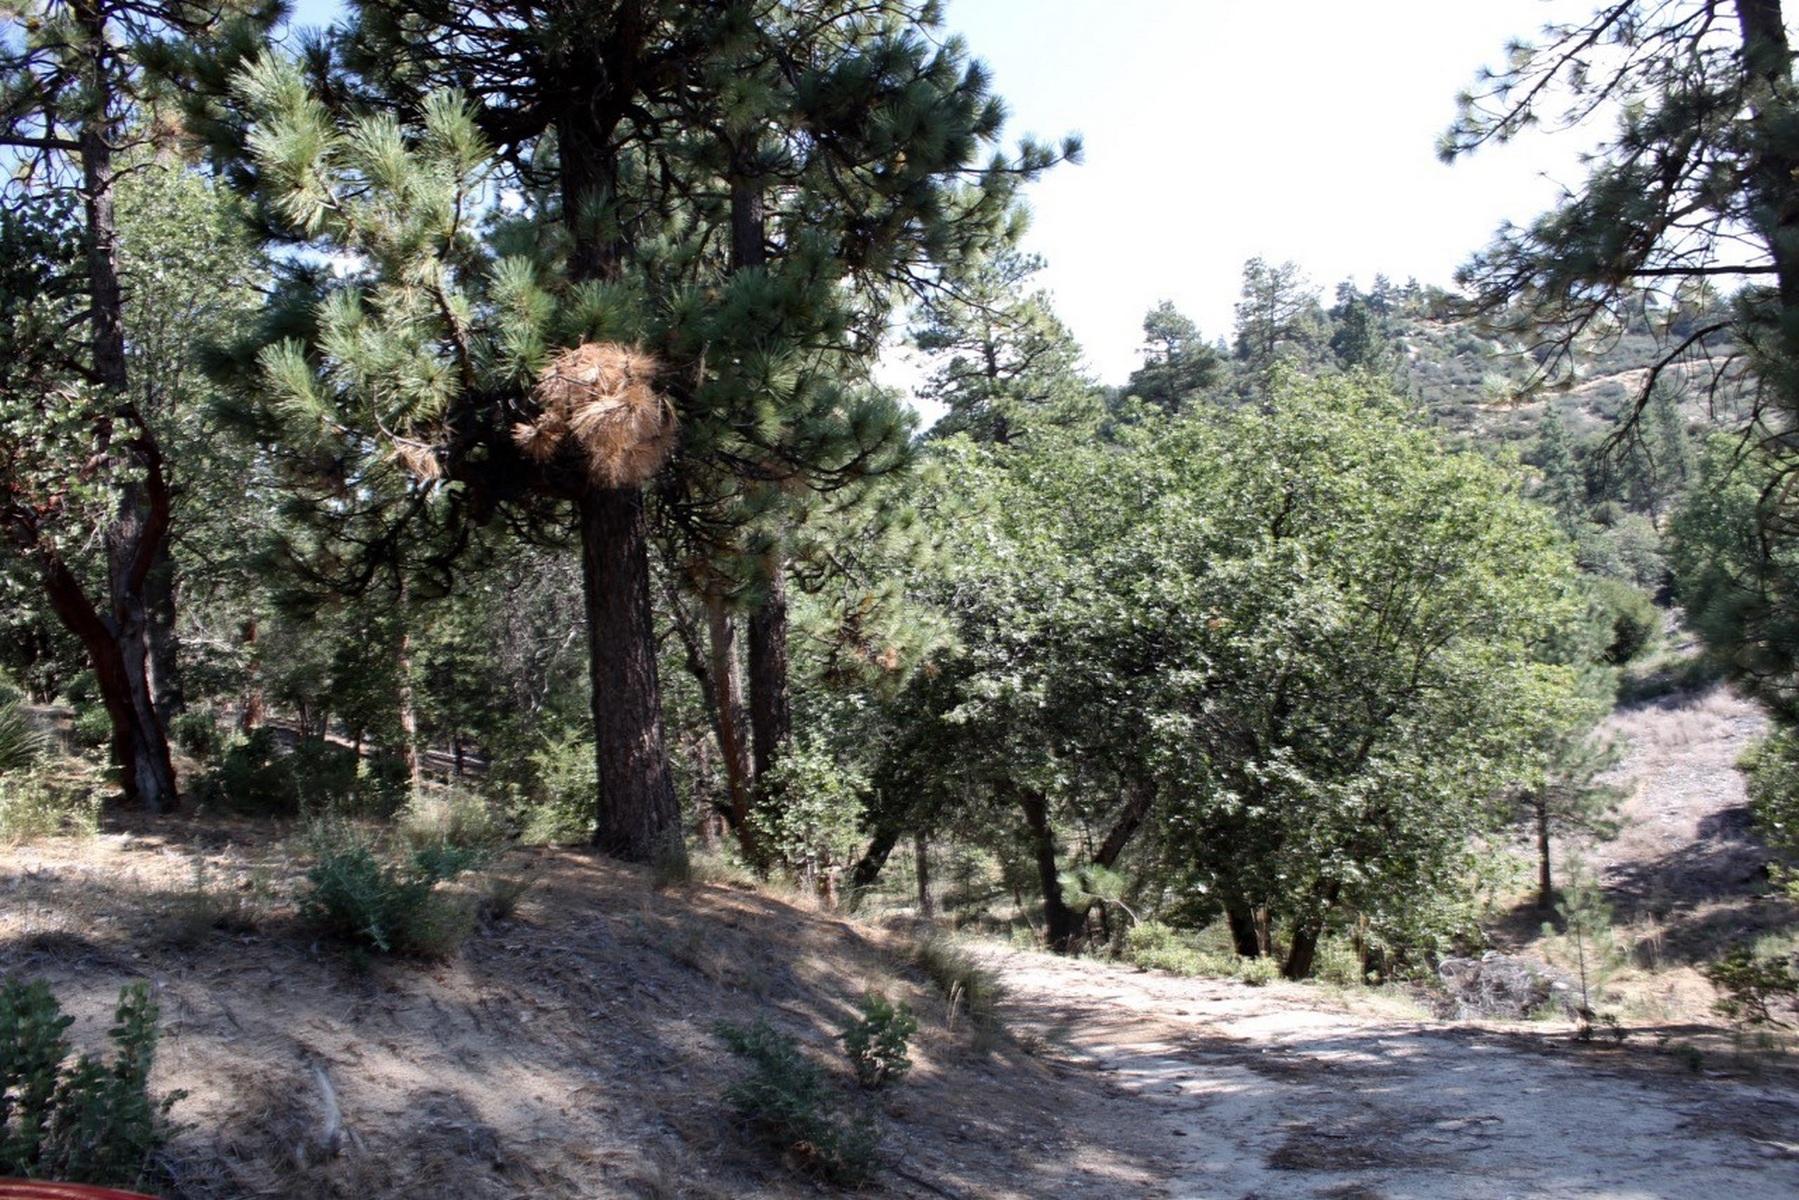 Land for Sale at Idylwild Acreage State Hwy 243 Idyllwild, California 92549 United States